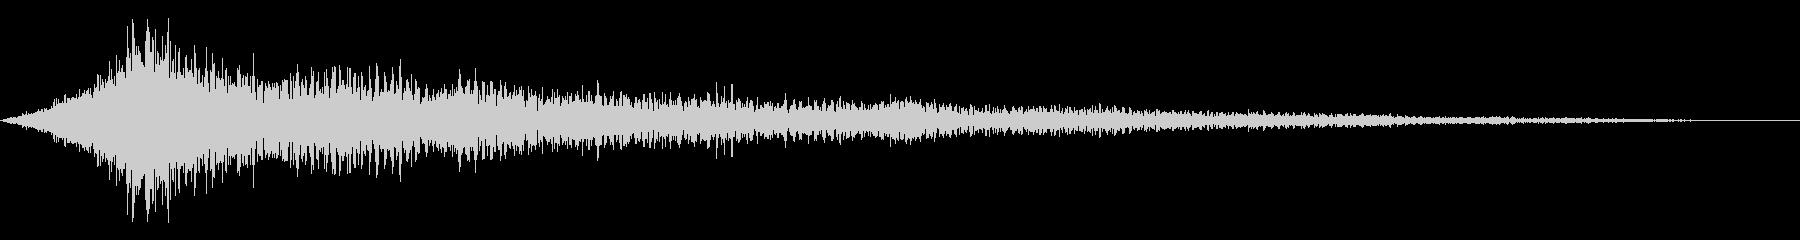 ホラー系アタック音115の未再生の波形